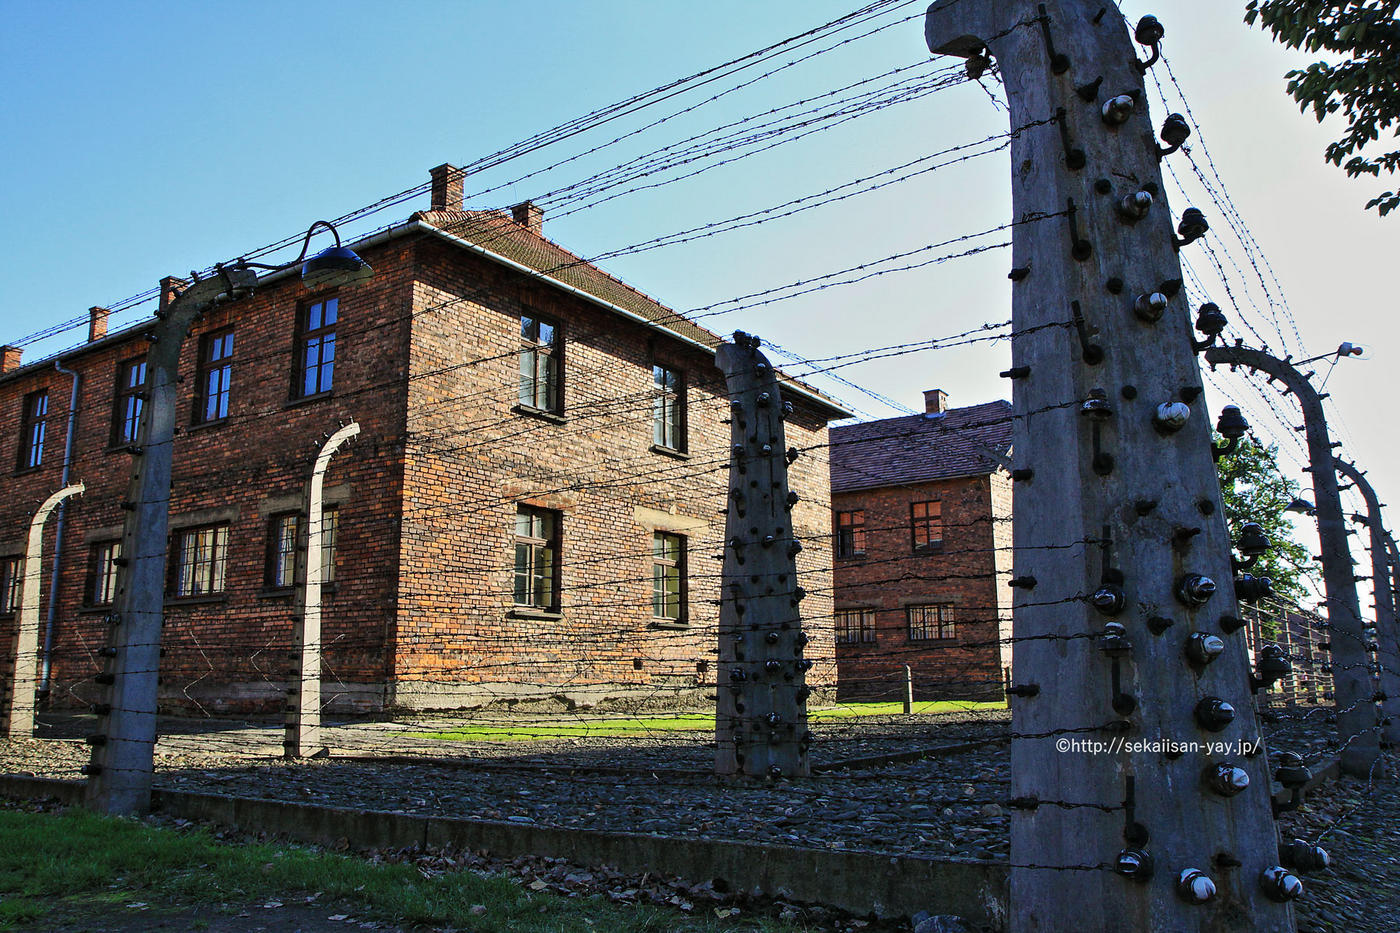 アウシュヴィッツ-ビルケナウ ナチスドイツ強制絶滅収容所(1940-1945)